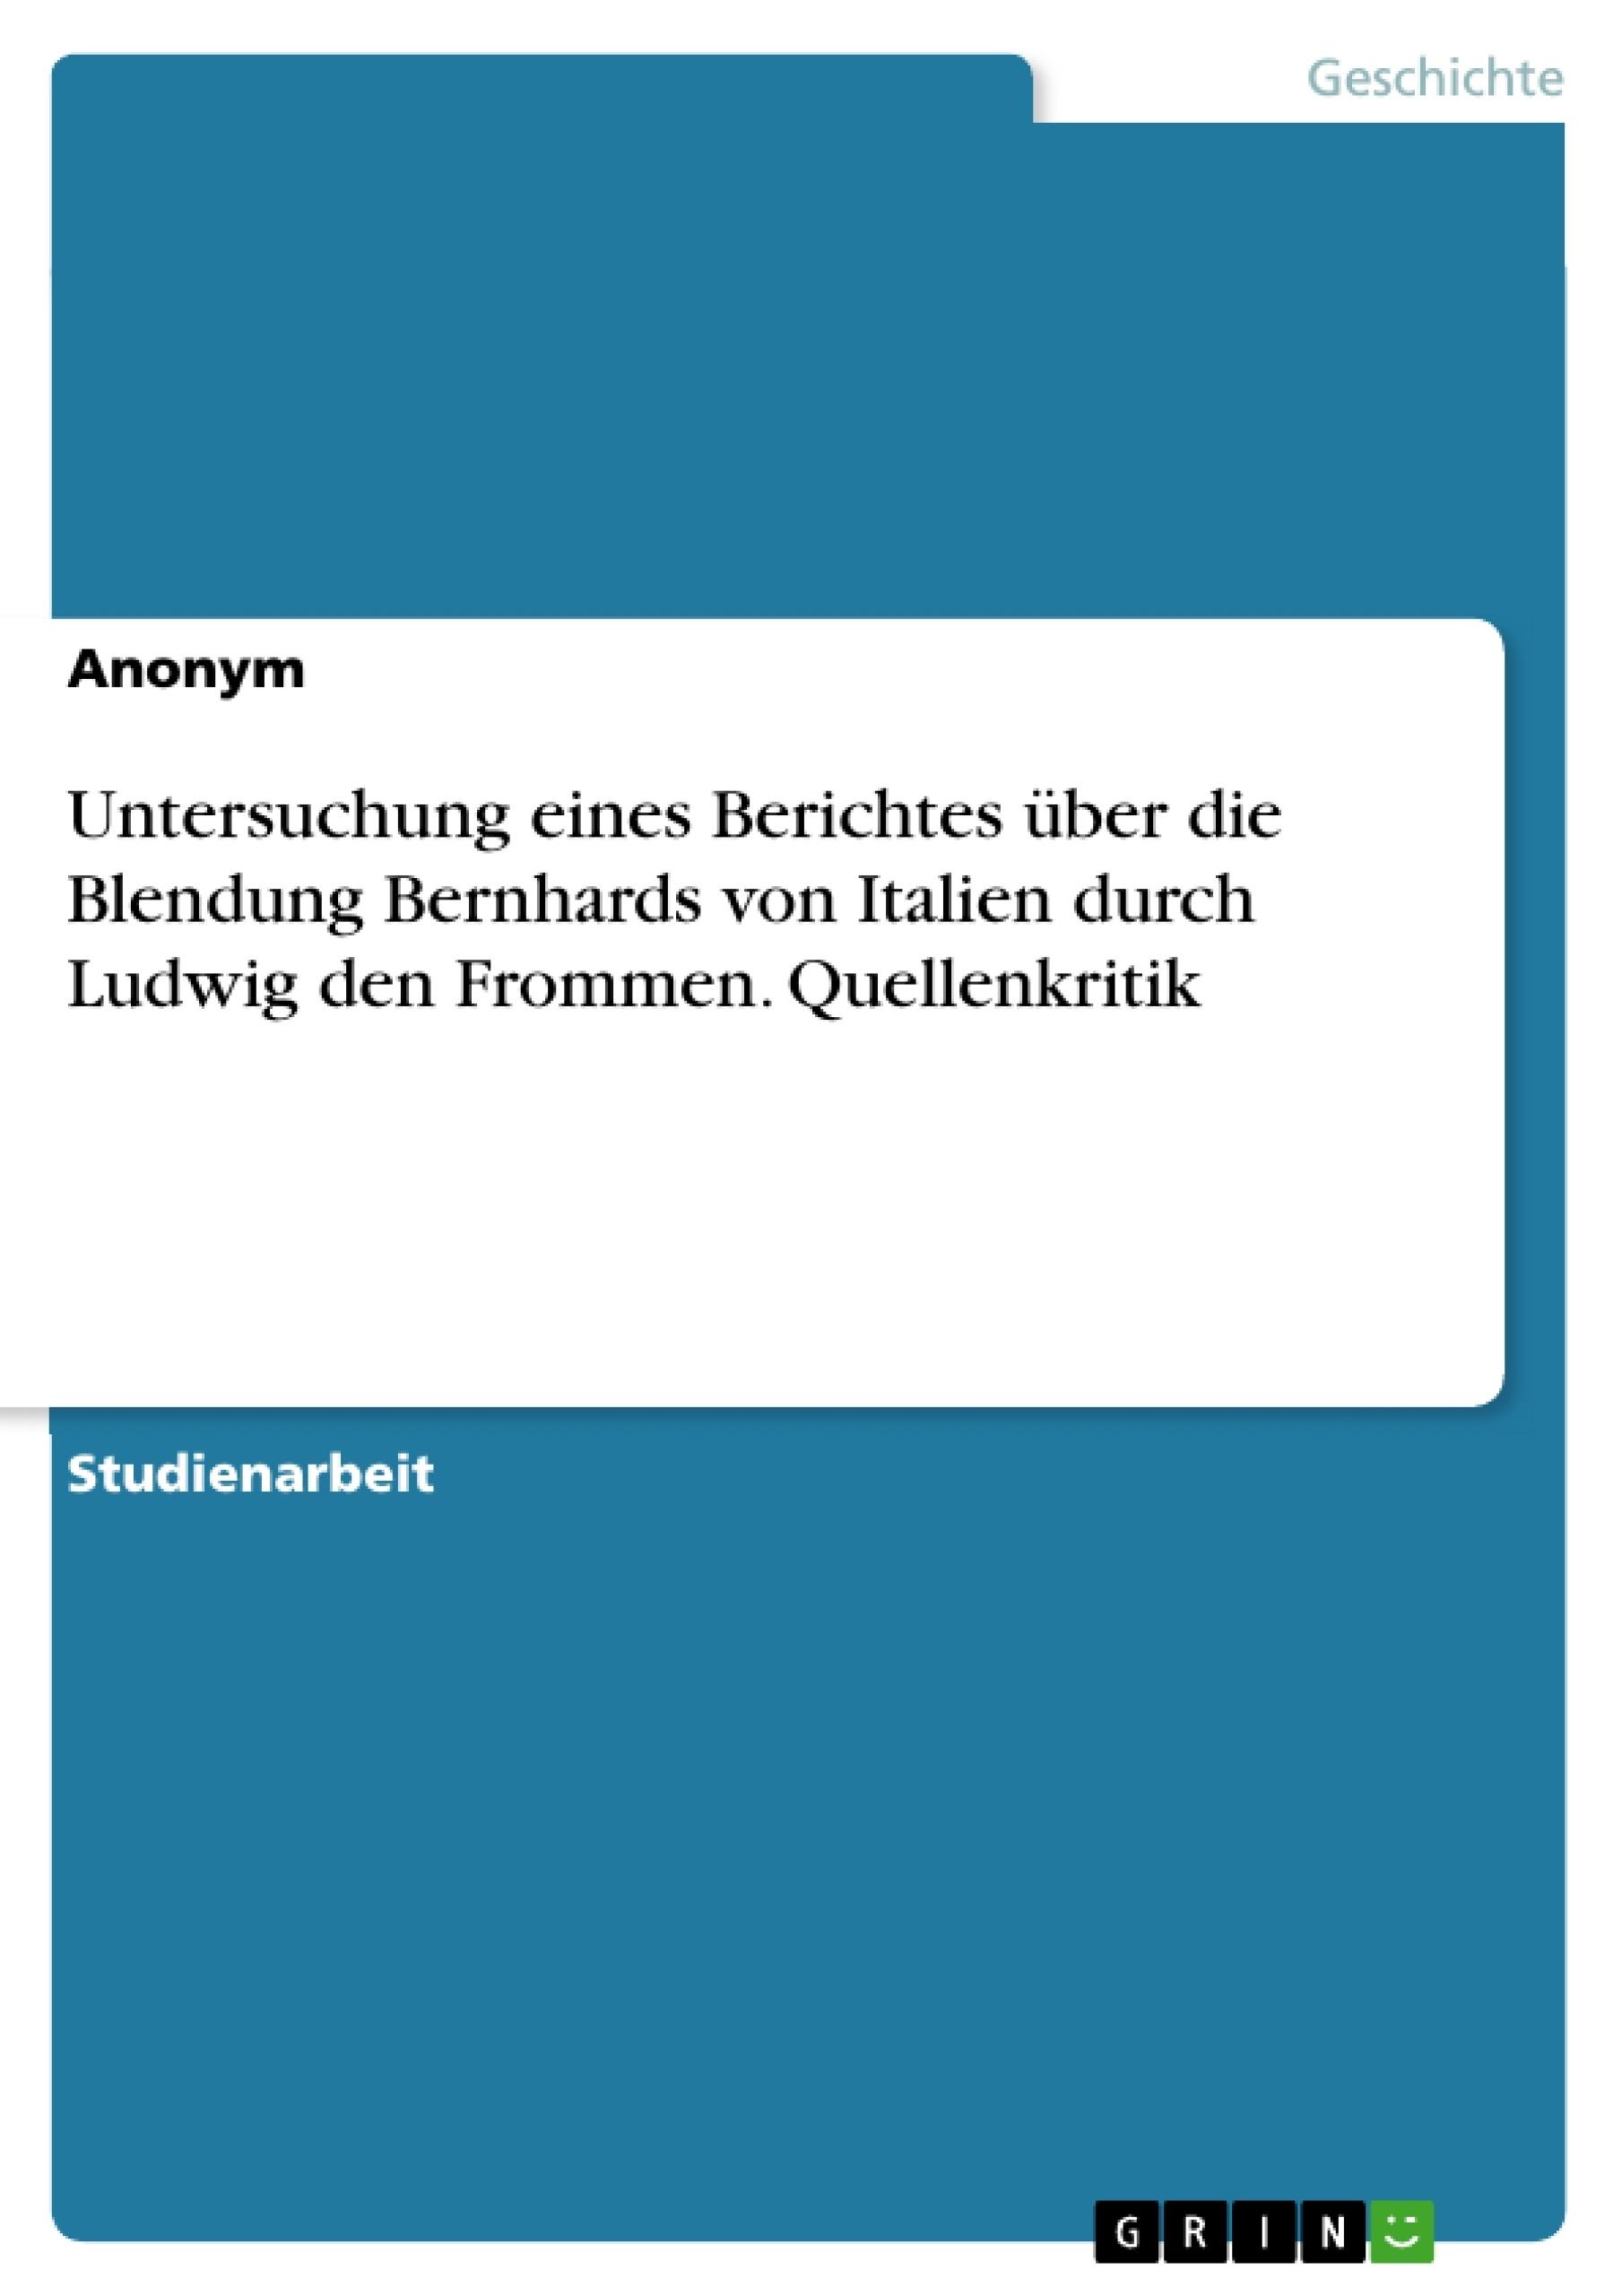 Titel: Untersuchung eines Berichtes über die Blendung Bernhards von Italien durch Ludwig den Frommen. Quellenkritik